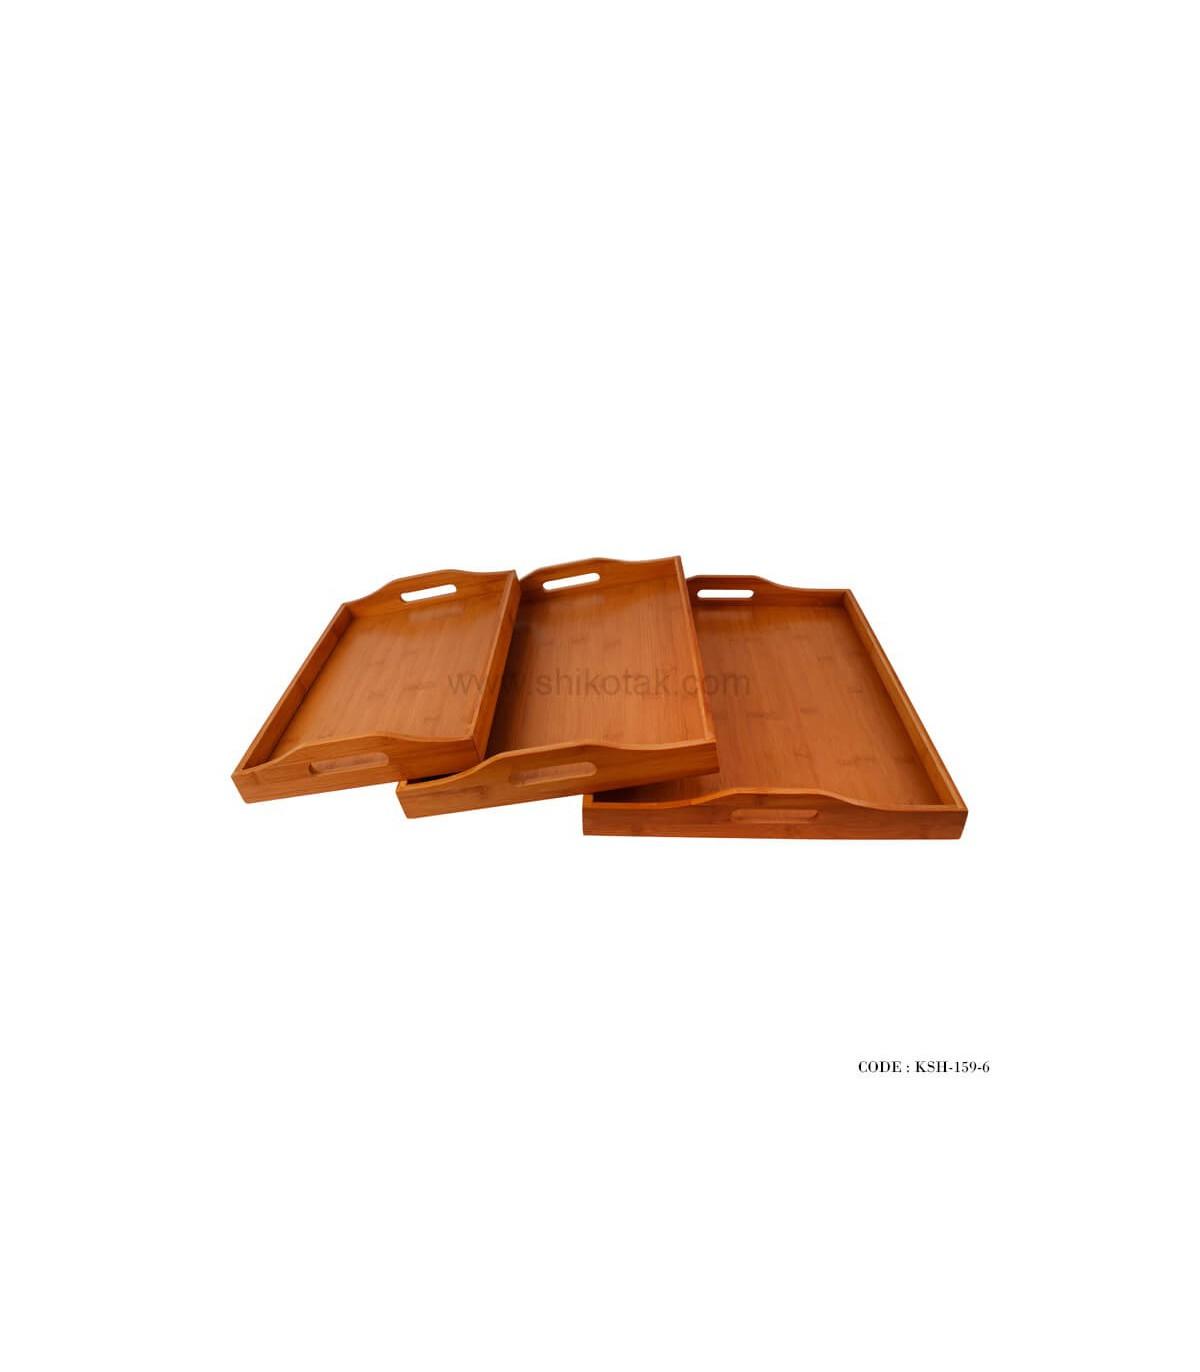 سینی پذیرایی بامبو سه تایی